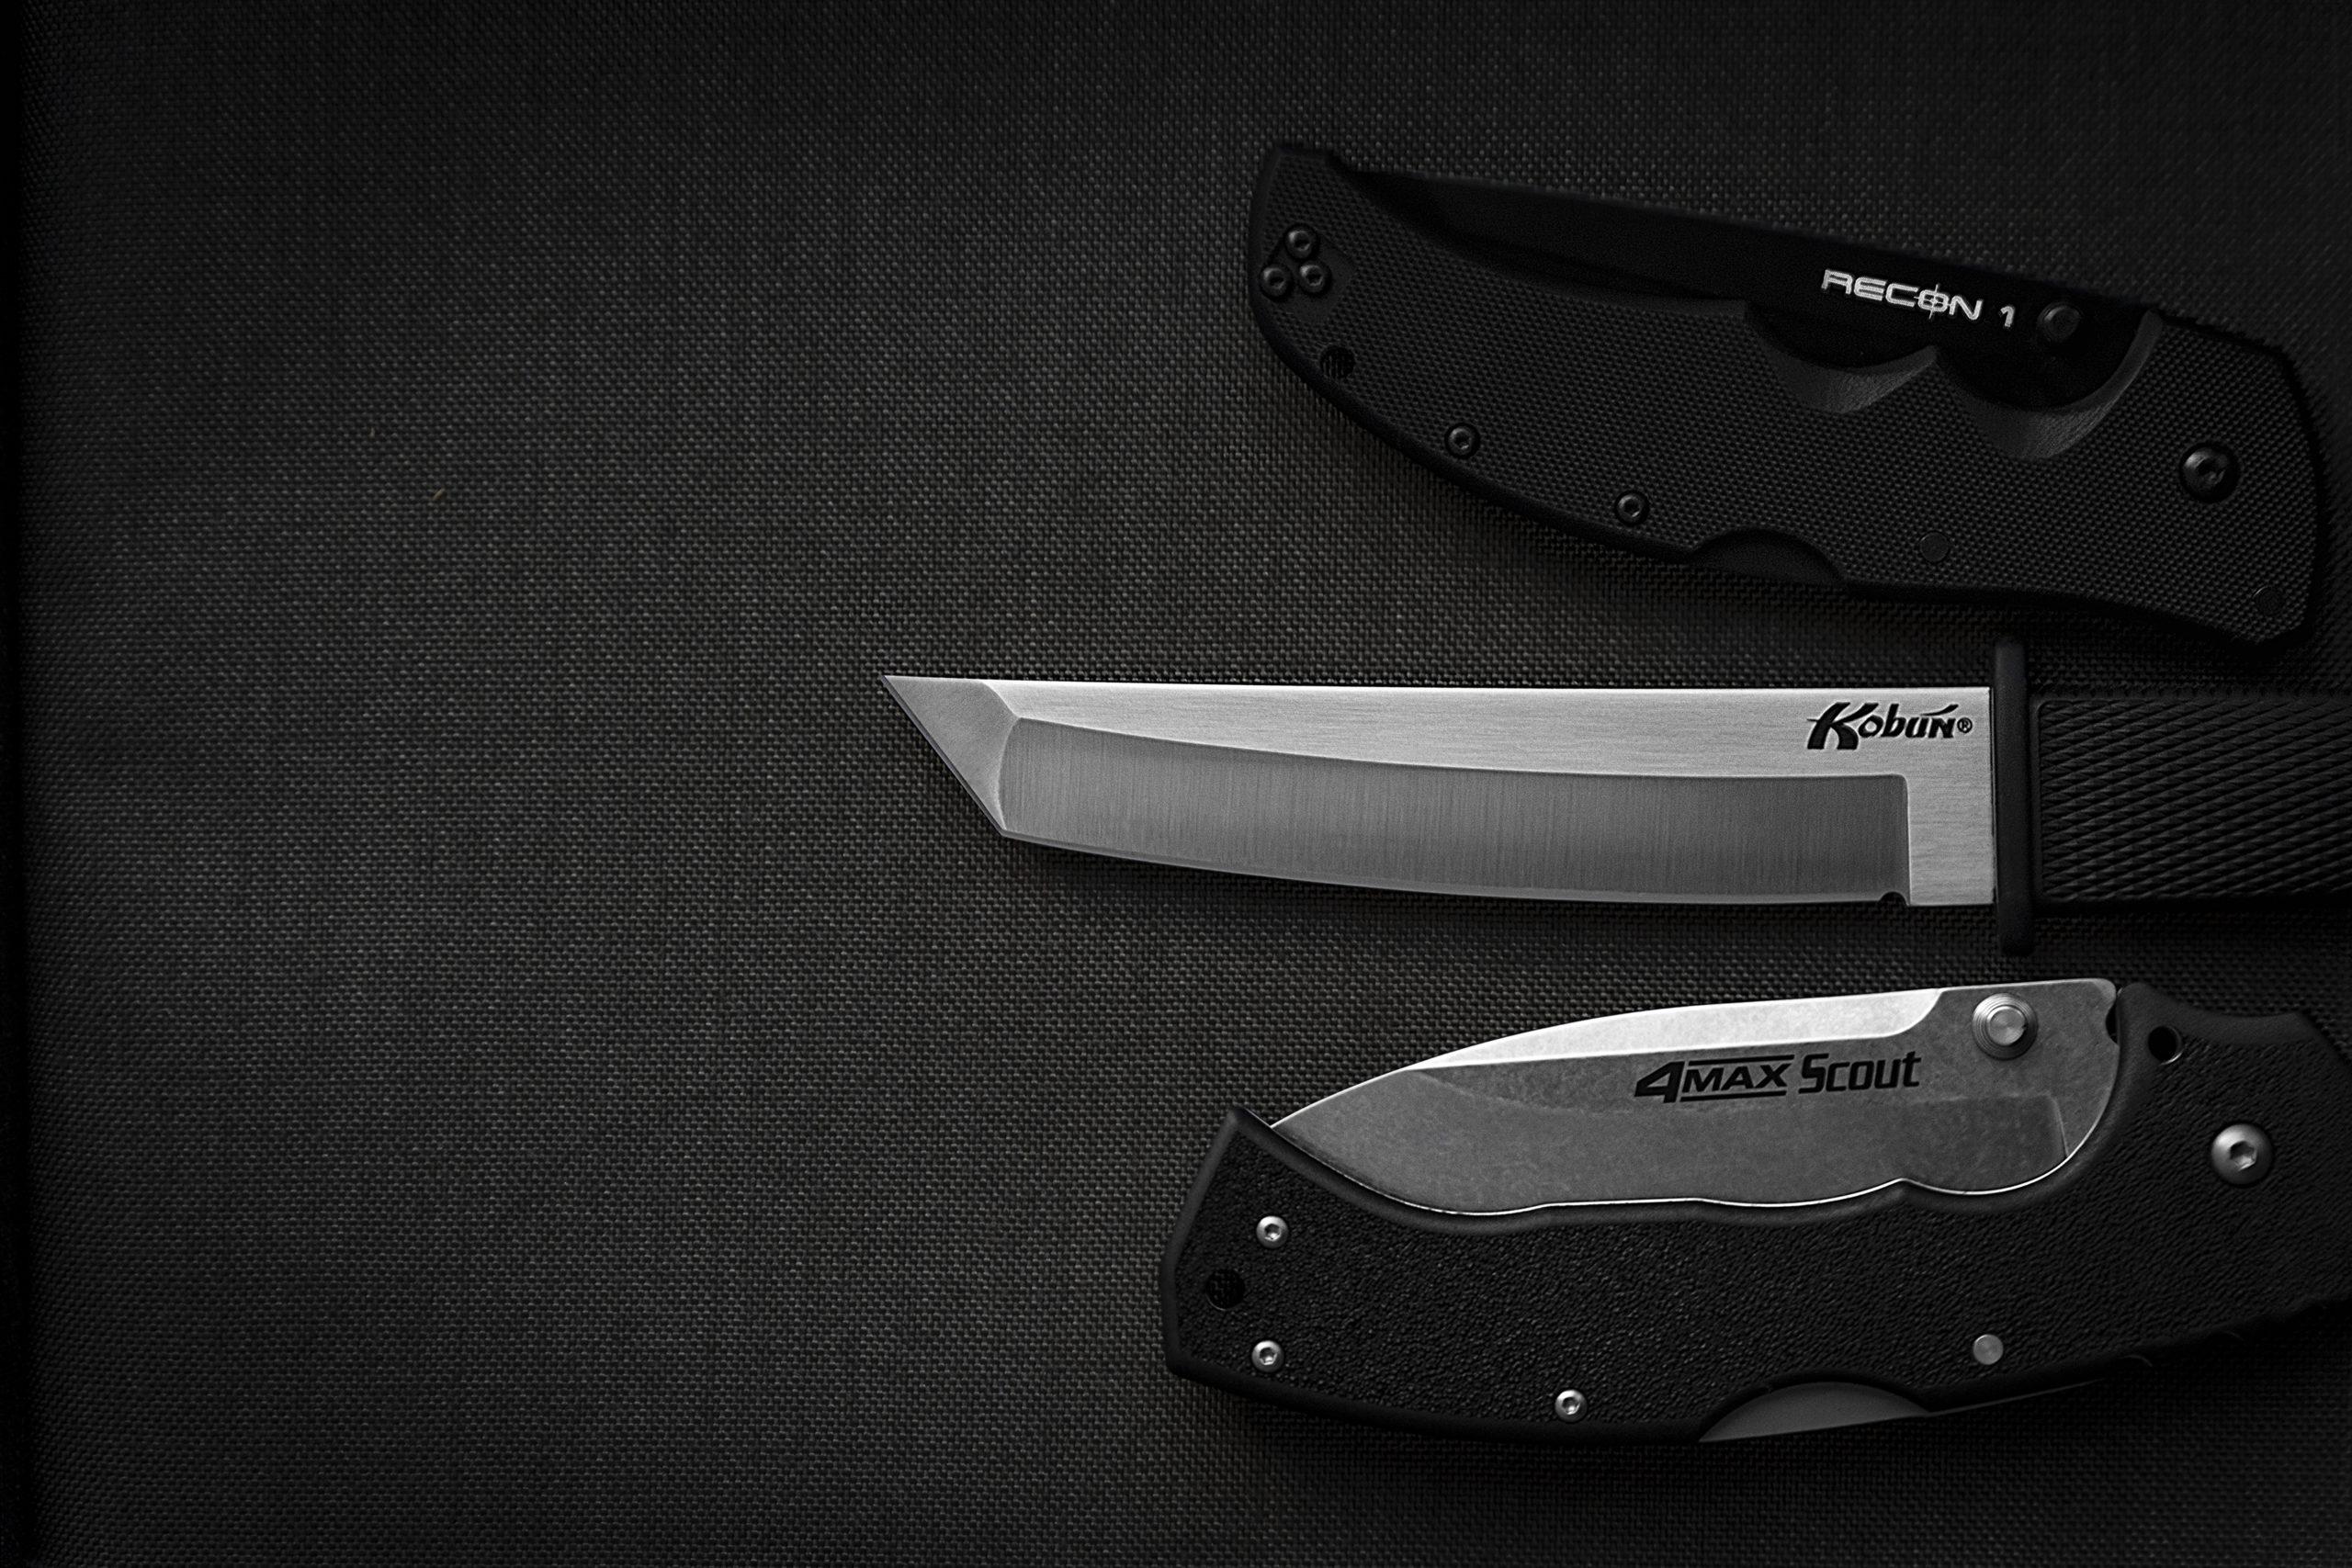 Nóż składany czy z głownią stałą?